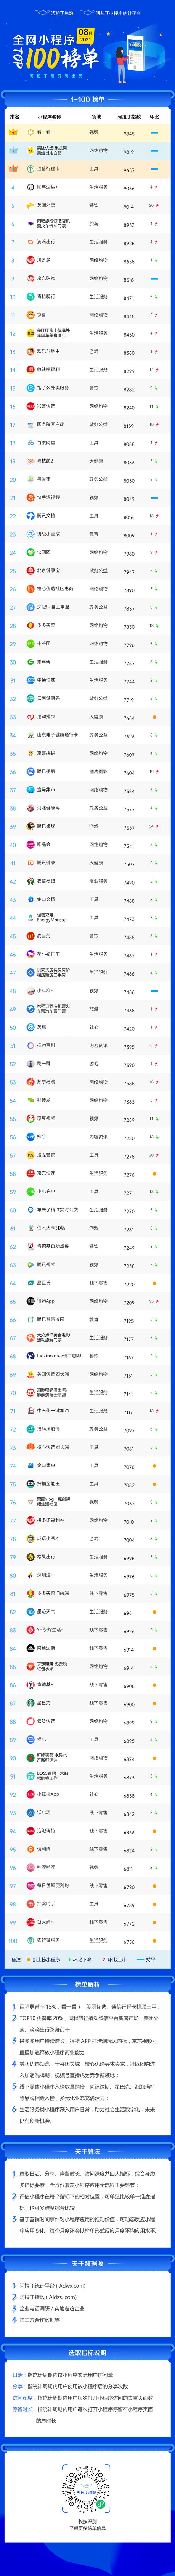 2021年8月阿拉丁全网小程序TOP100榜单发布